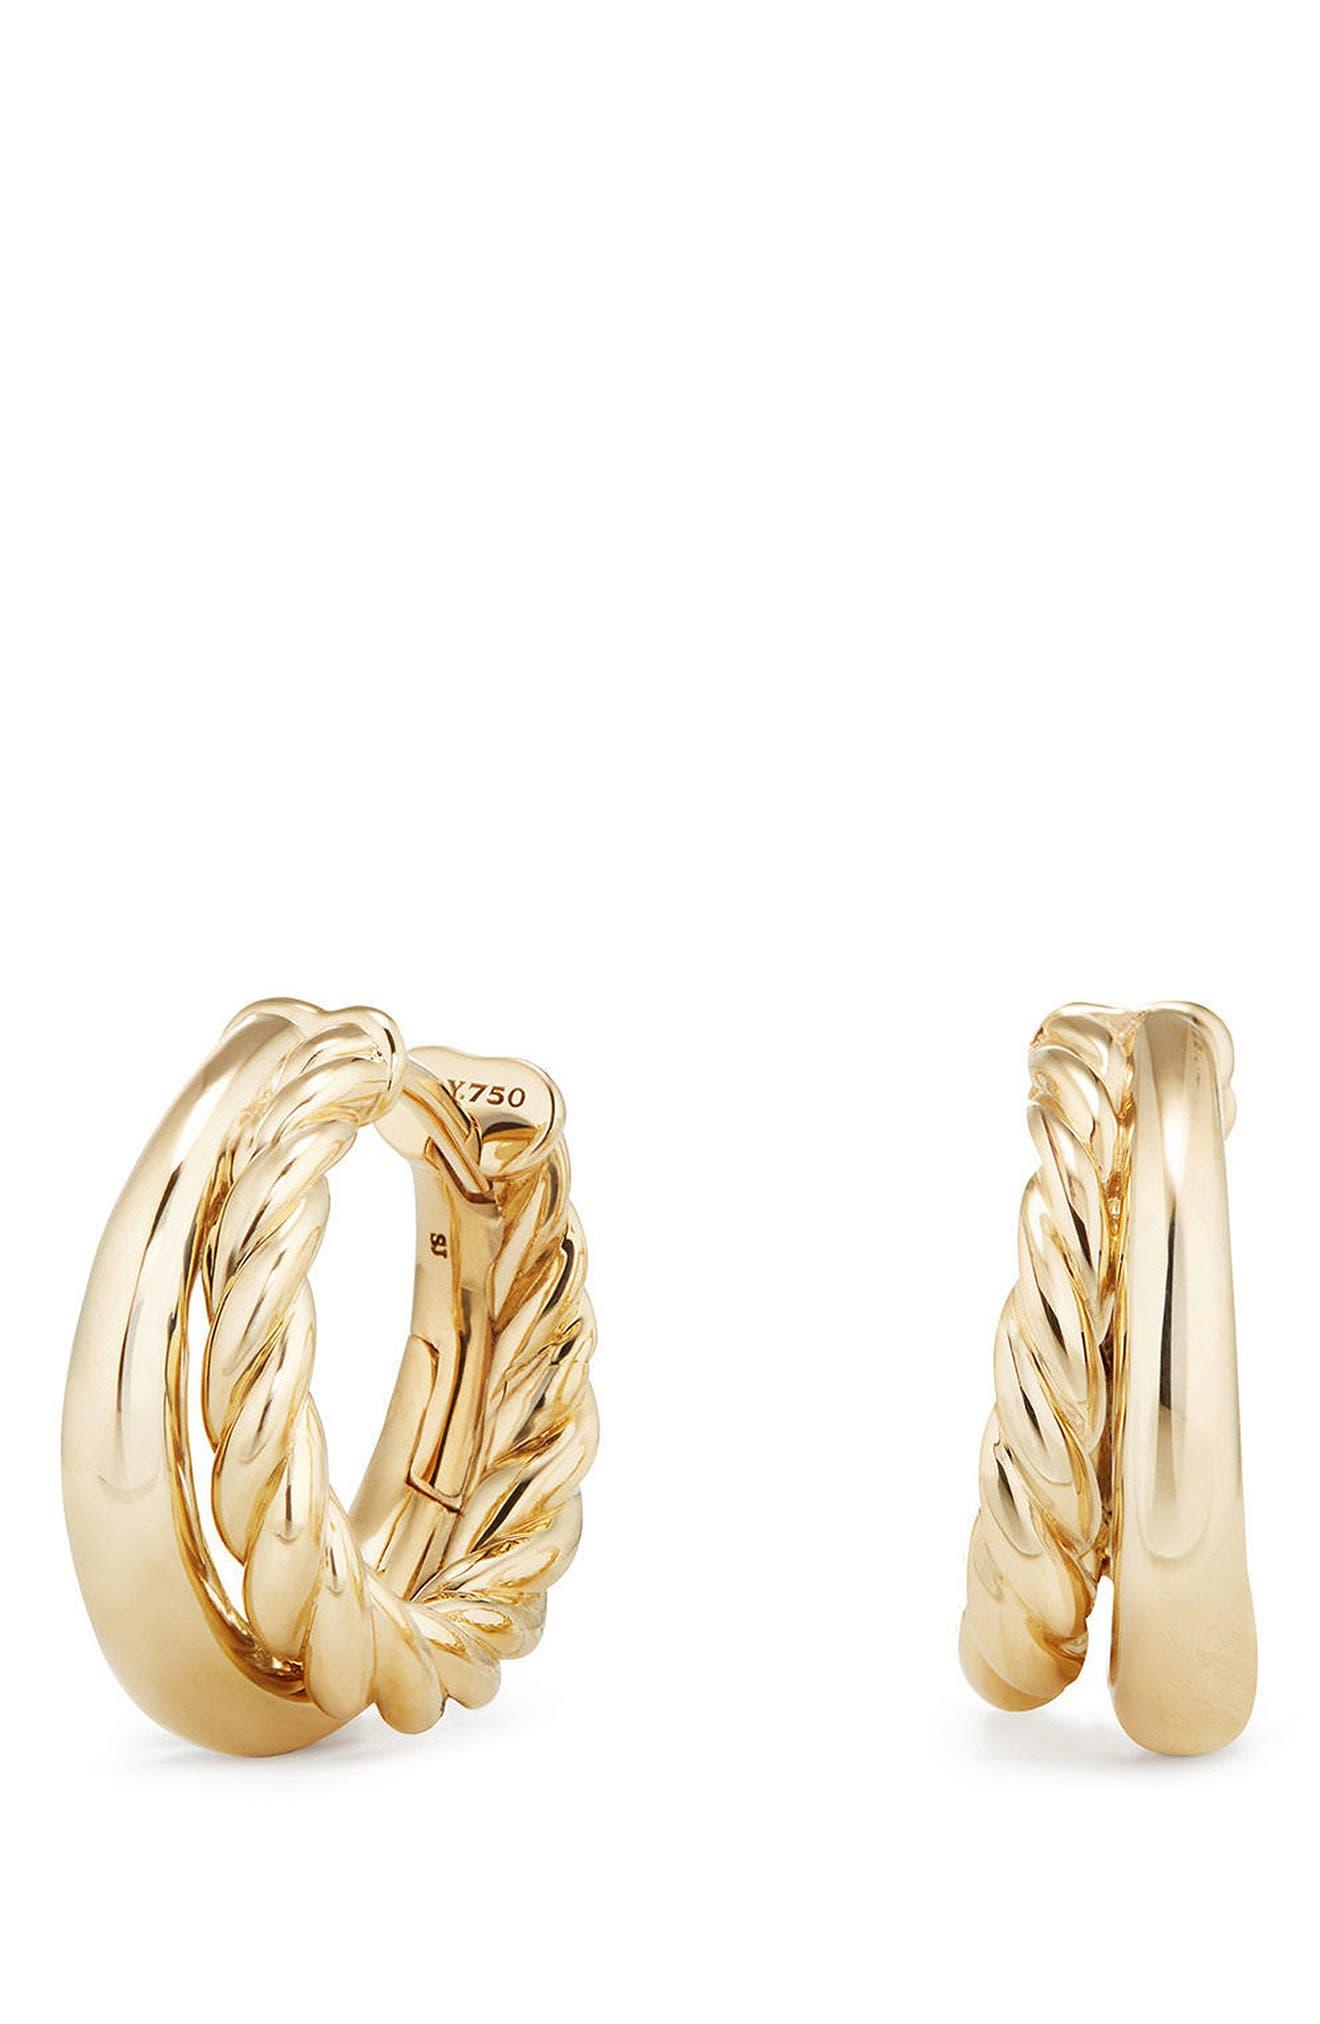 david yurman pure form hoop earrings in 18k gold 12mm